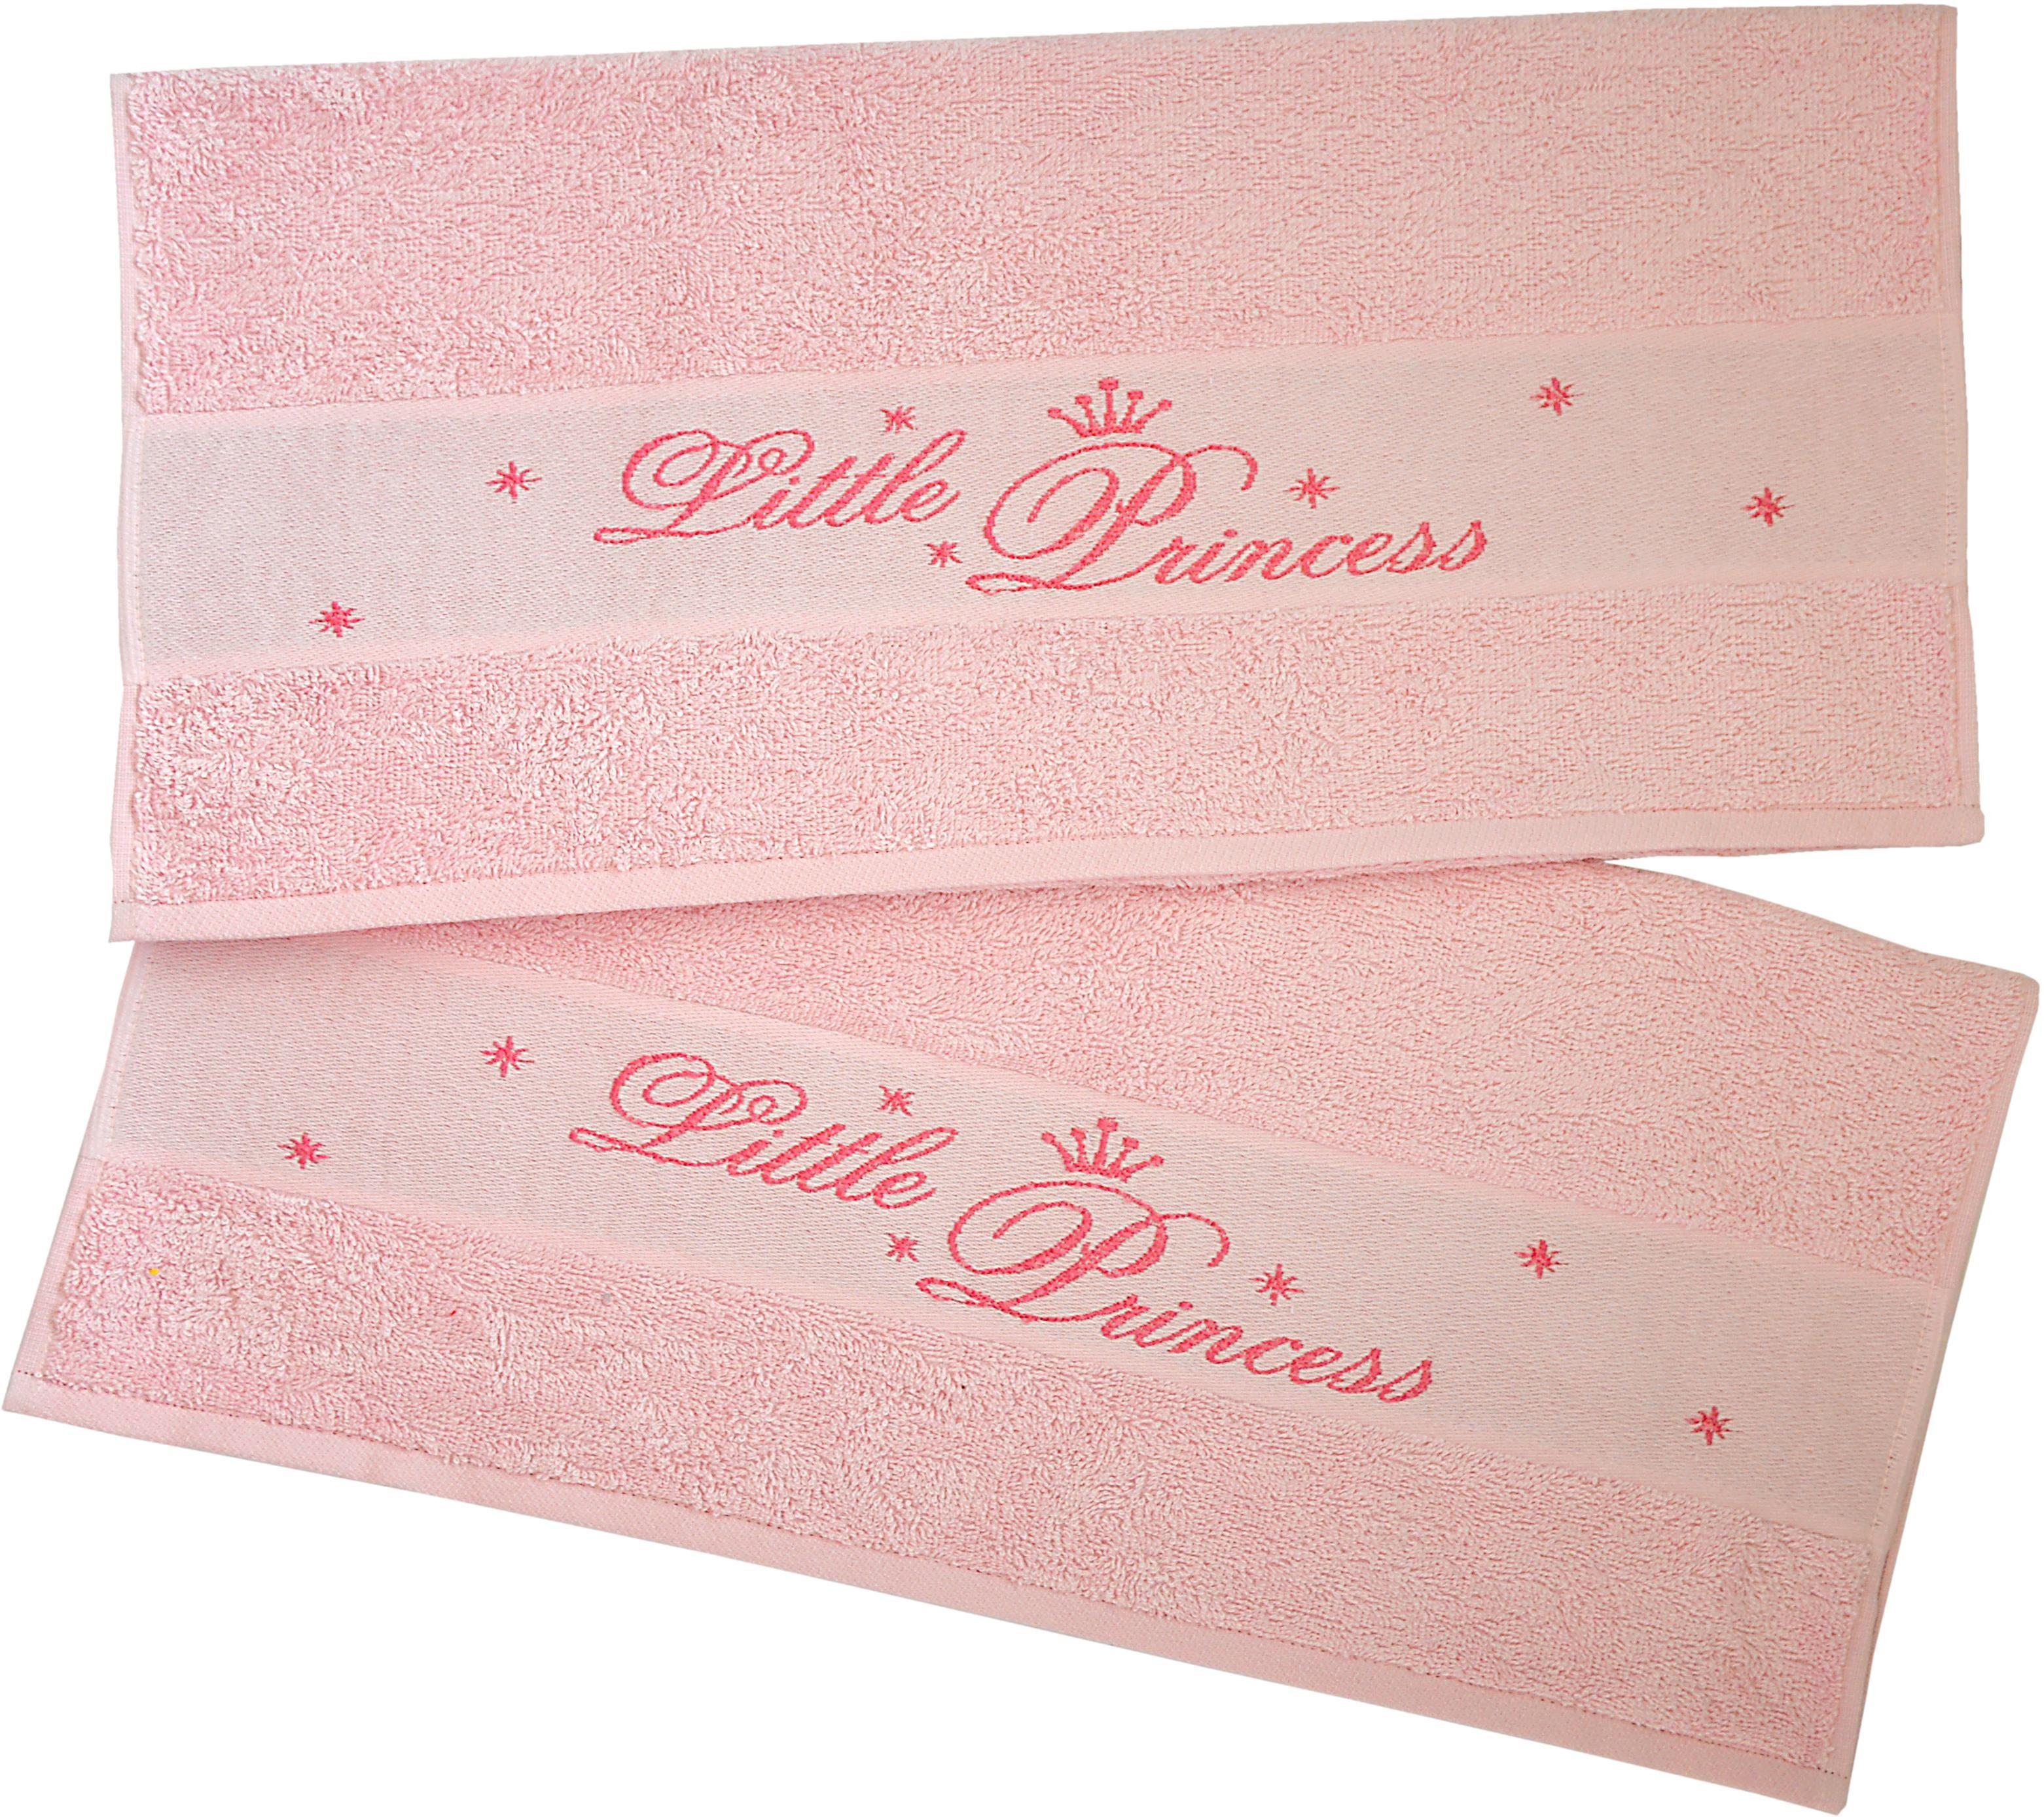 Handtücher »Little Princess«, Dyckhoff, mit eingewebten Schriftzug